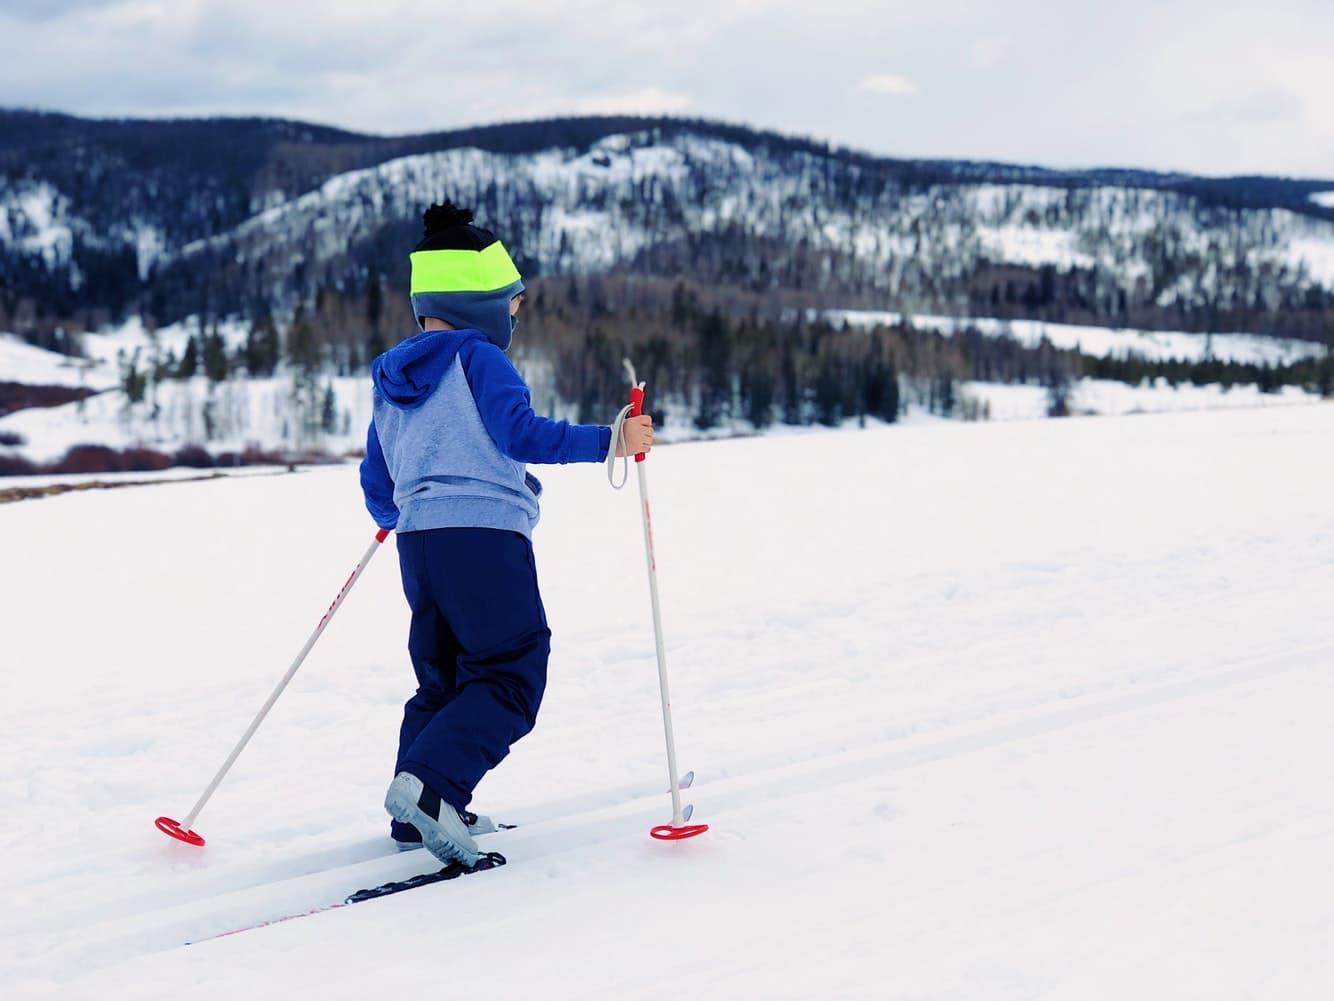 Young child using ski equipment